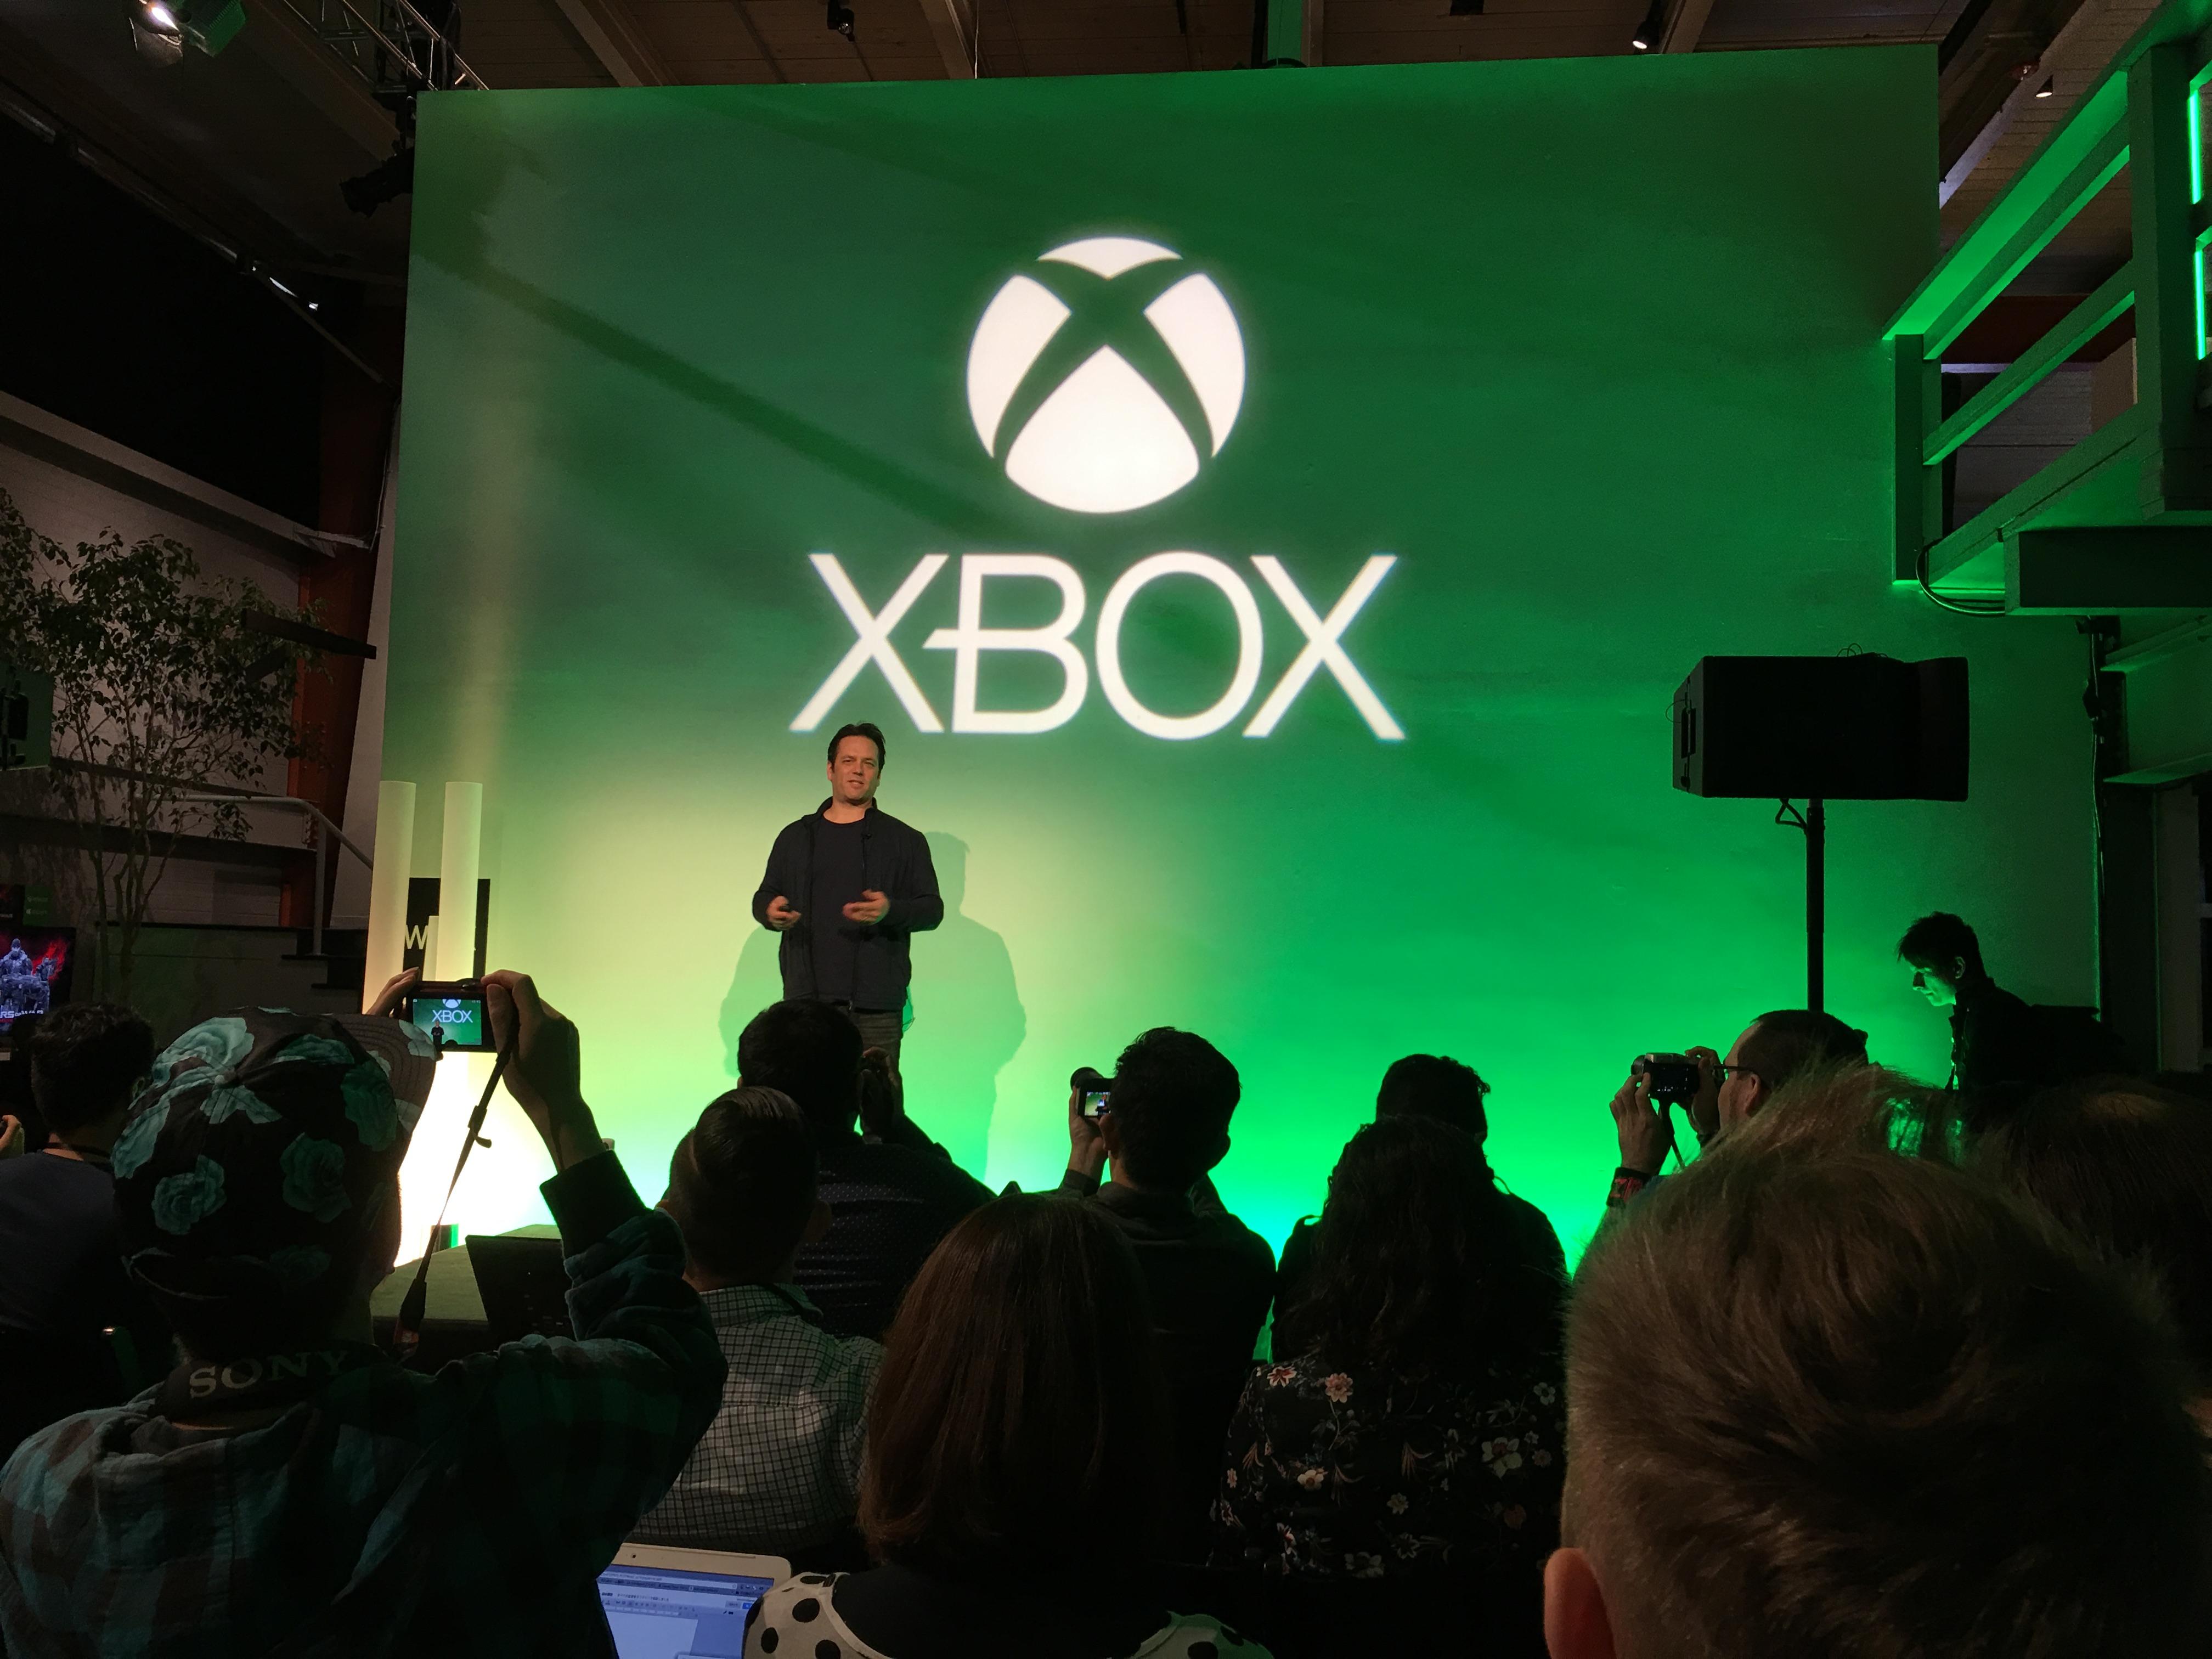 Xbox-sjef Phil Spencer åpnet vår-visningen av årets Microsoft-spill til Xbox og PC.